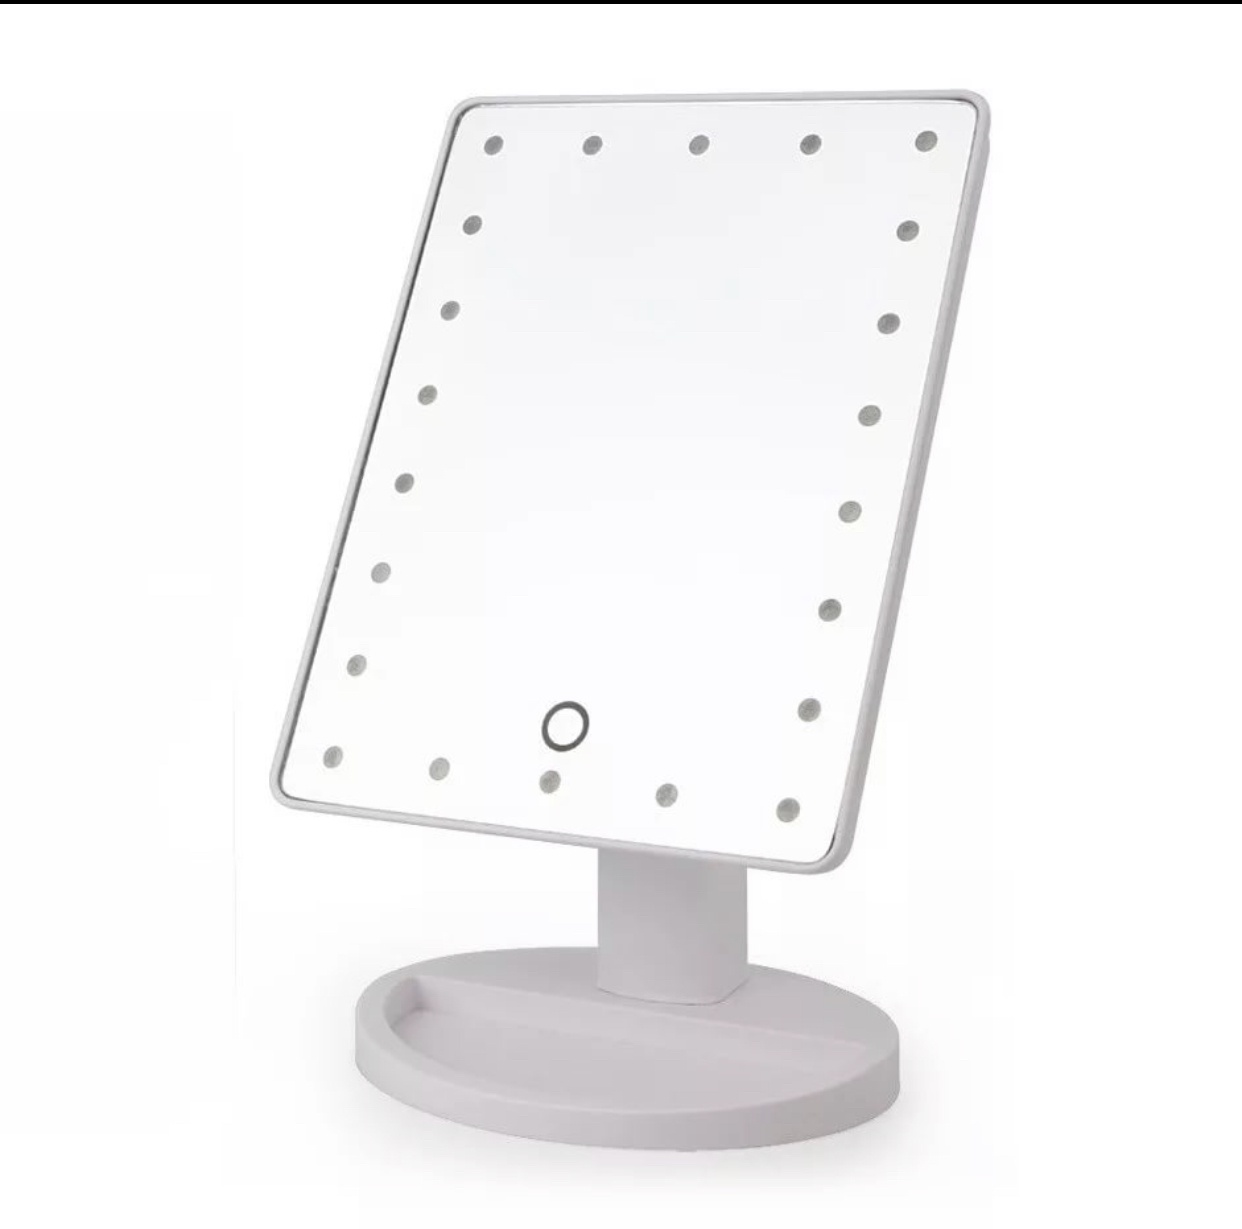 Зеркало косметическое LEDZ косметическое с LED подсветкой LEDZ-1620 , LEDZ-1620, белый acrylic frame led makeup mirror